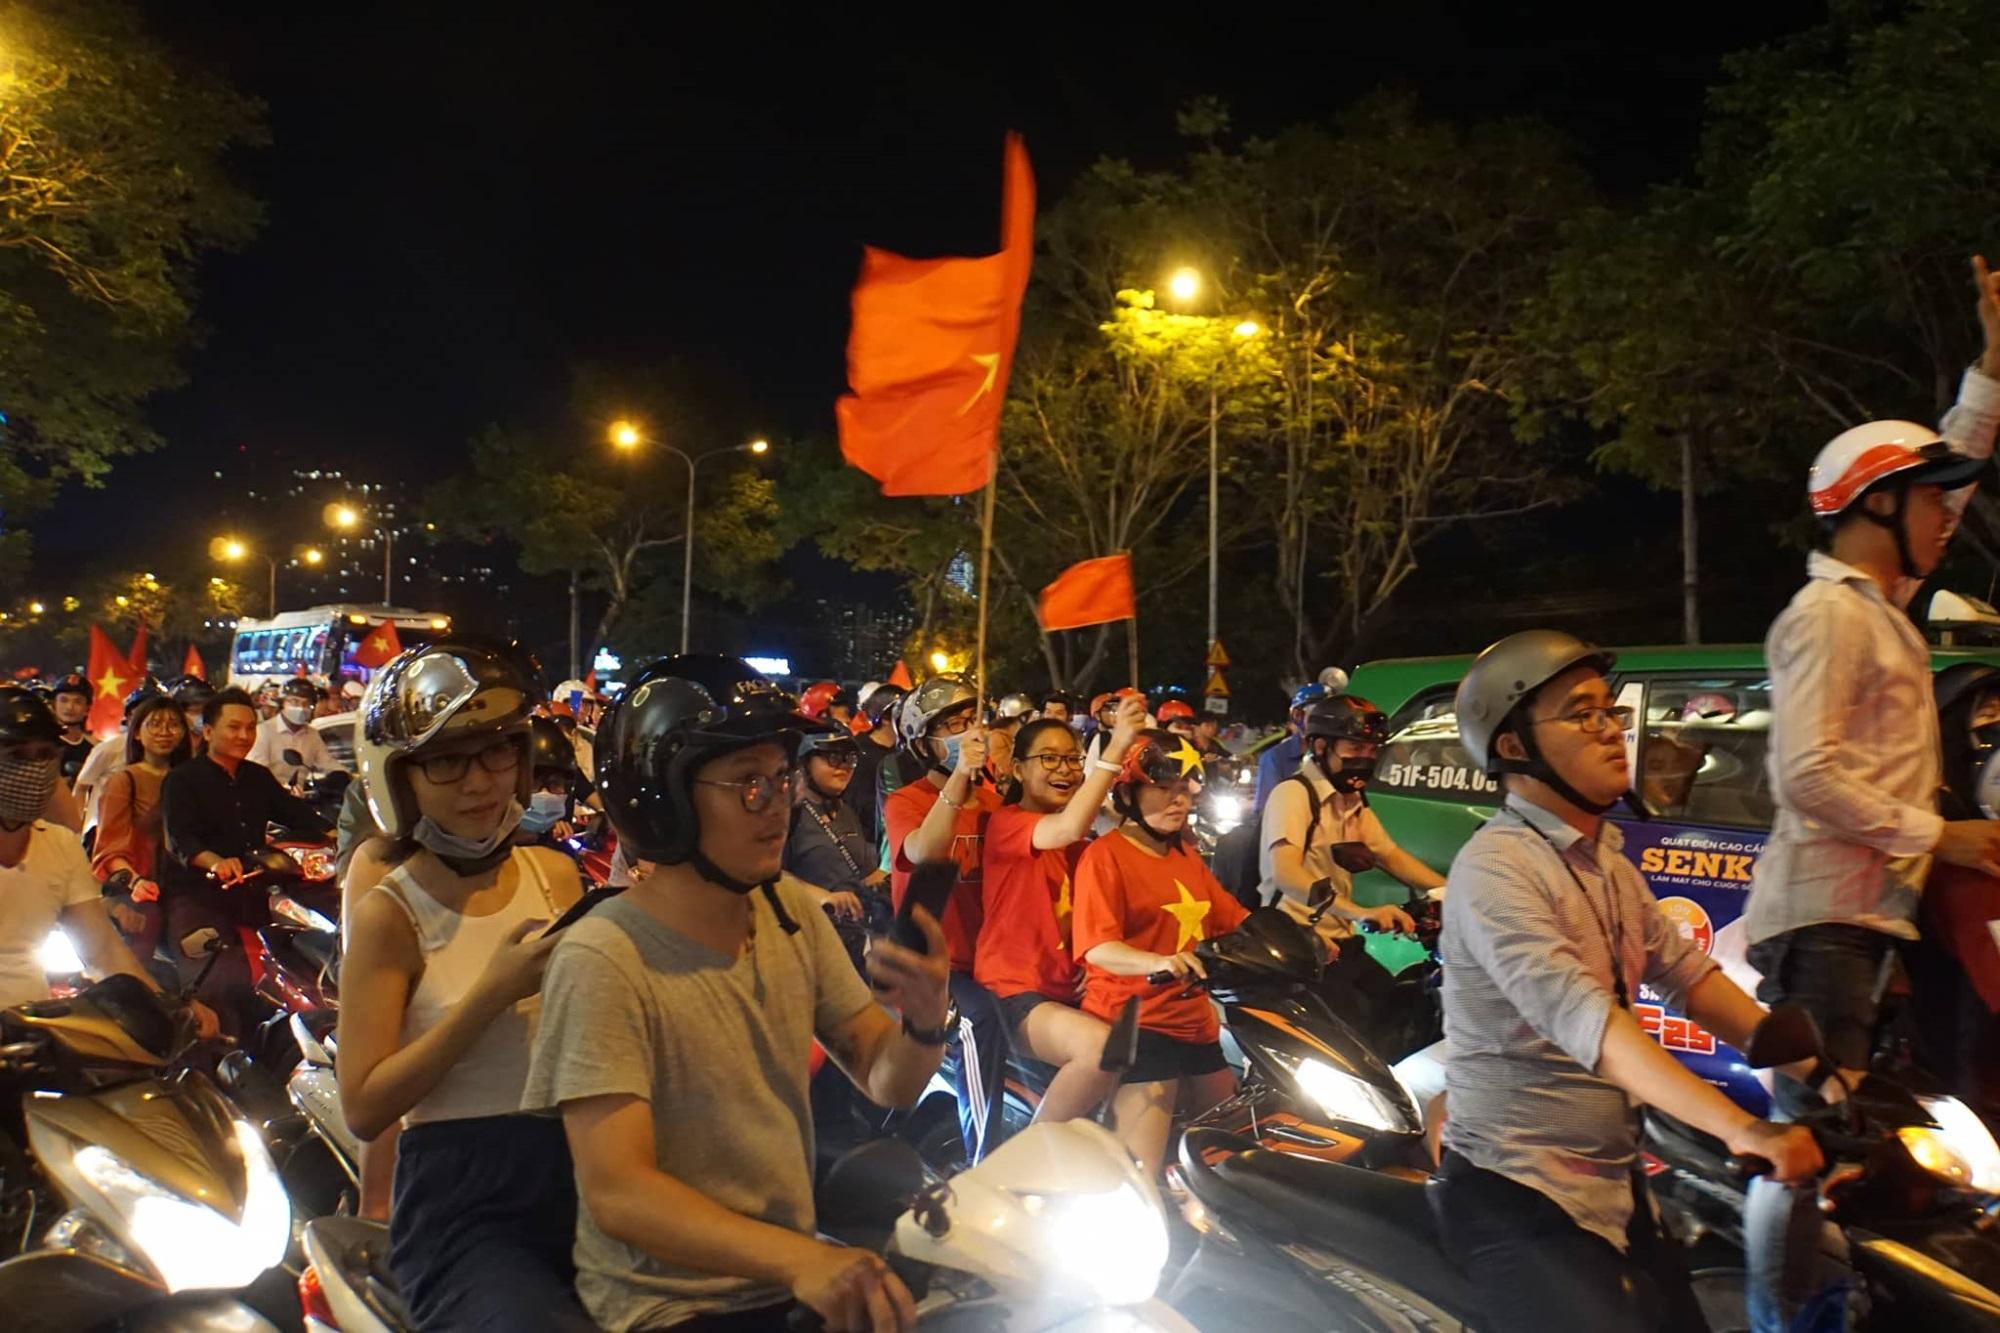 Pháo sáng, cờ hoa rực rỡ Sài Gòn khi triệu người xuống đường ăn mừng Việt Nam vào chung kết AFF Cup 2018 - Ảnh 17